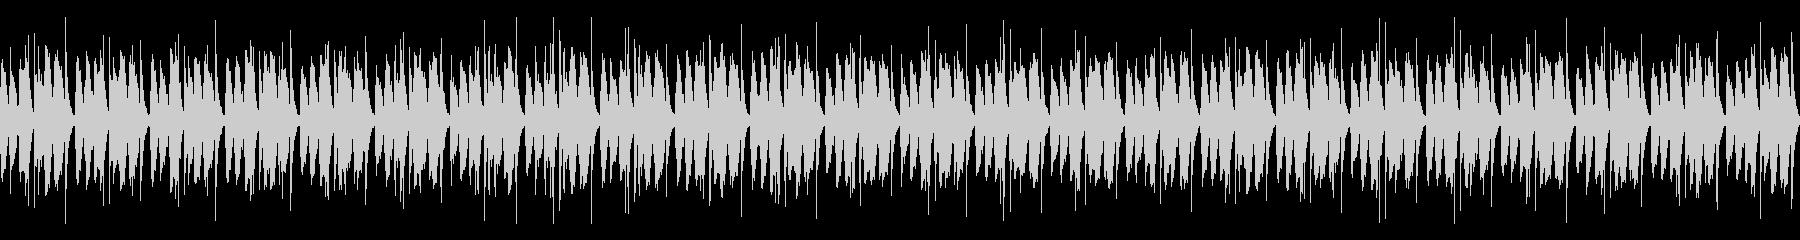 [和太鼓二重奏]盆踊りの大太鼓03の未再生の波形